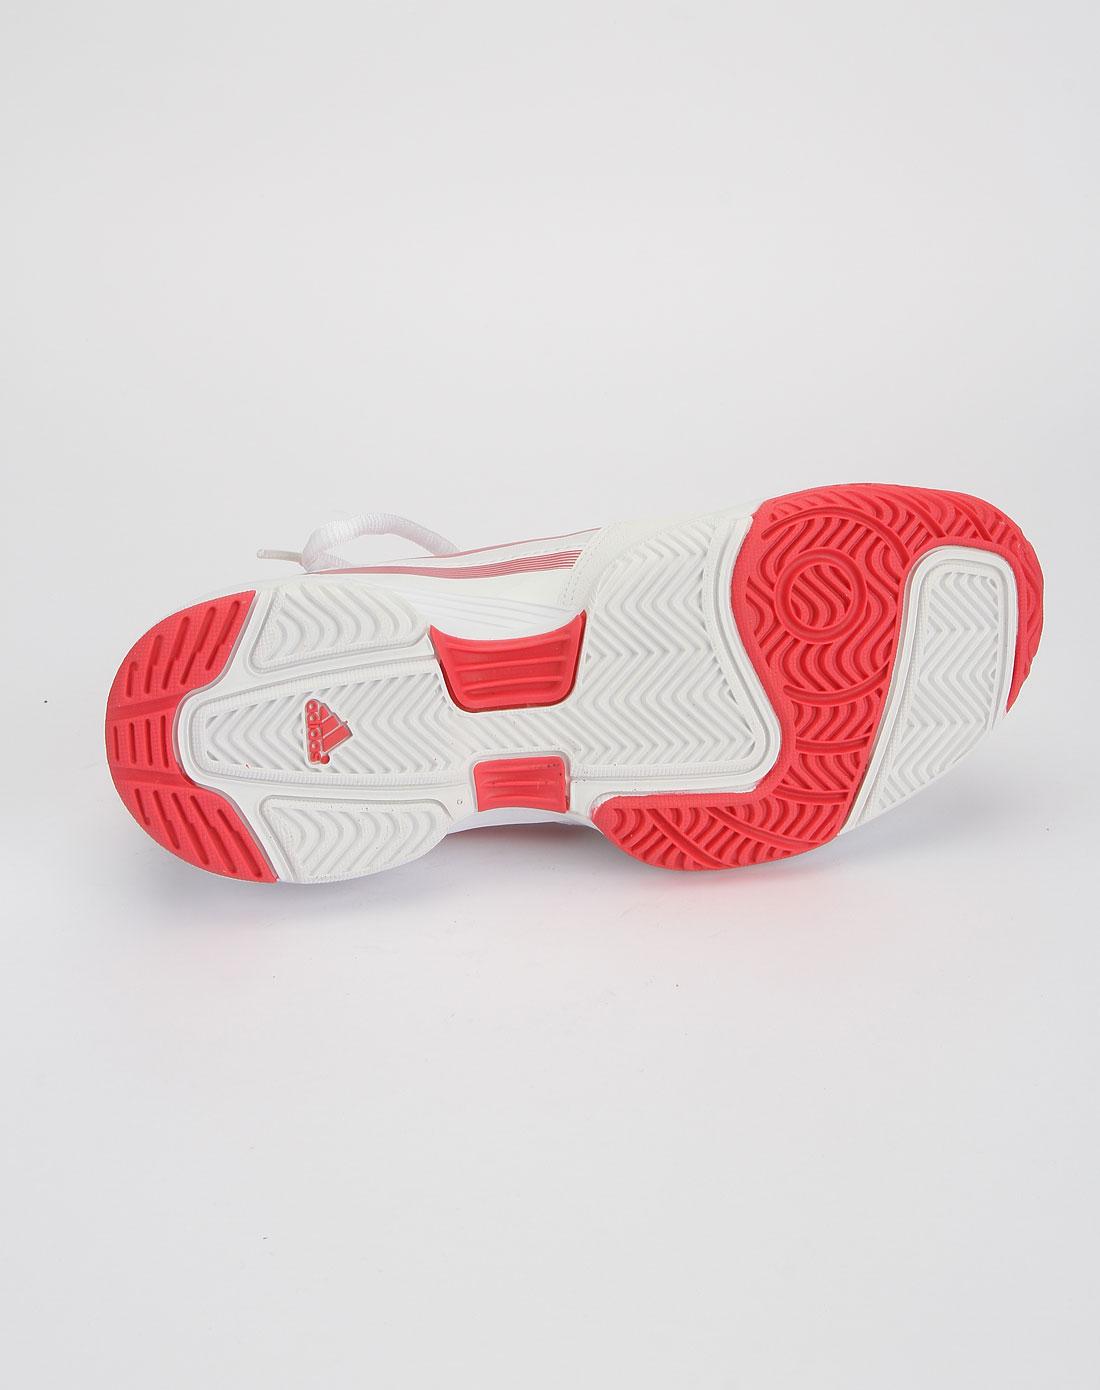 阿迪达斯adidas白底粉色时尚网球鞋g42735